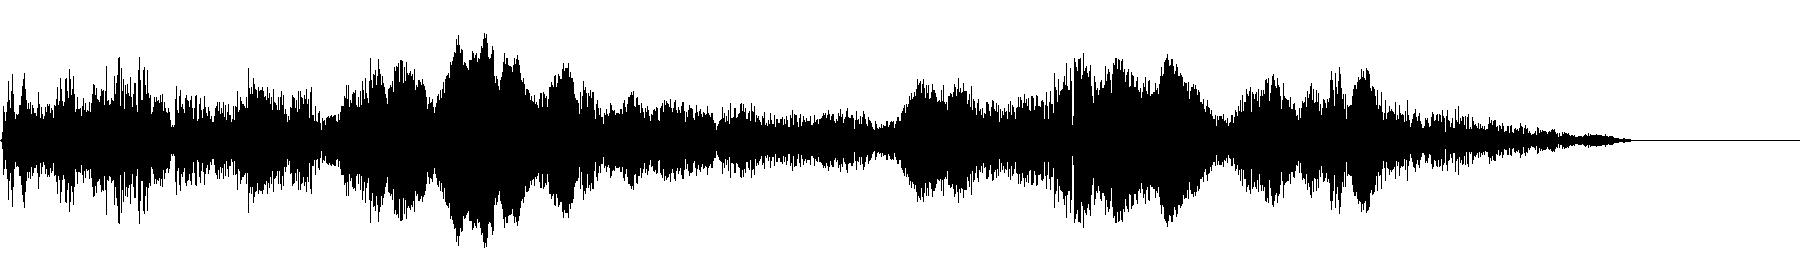 bluezone orbit sound 078